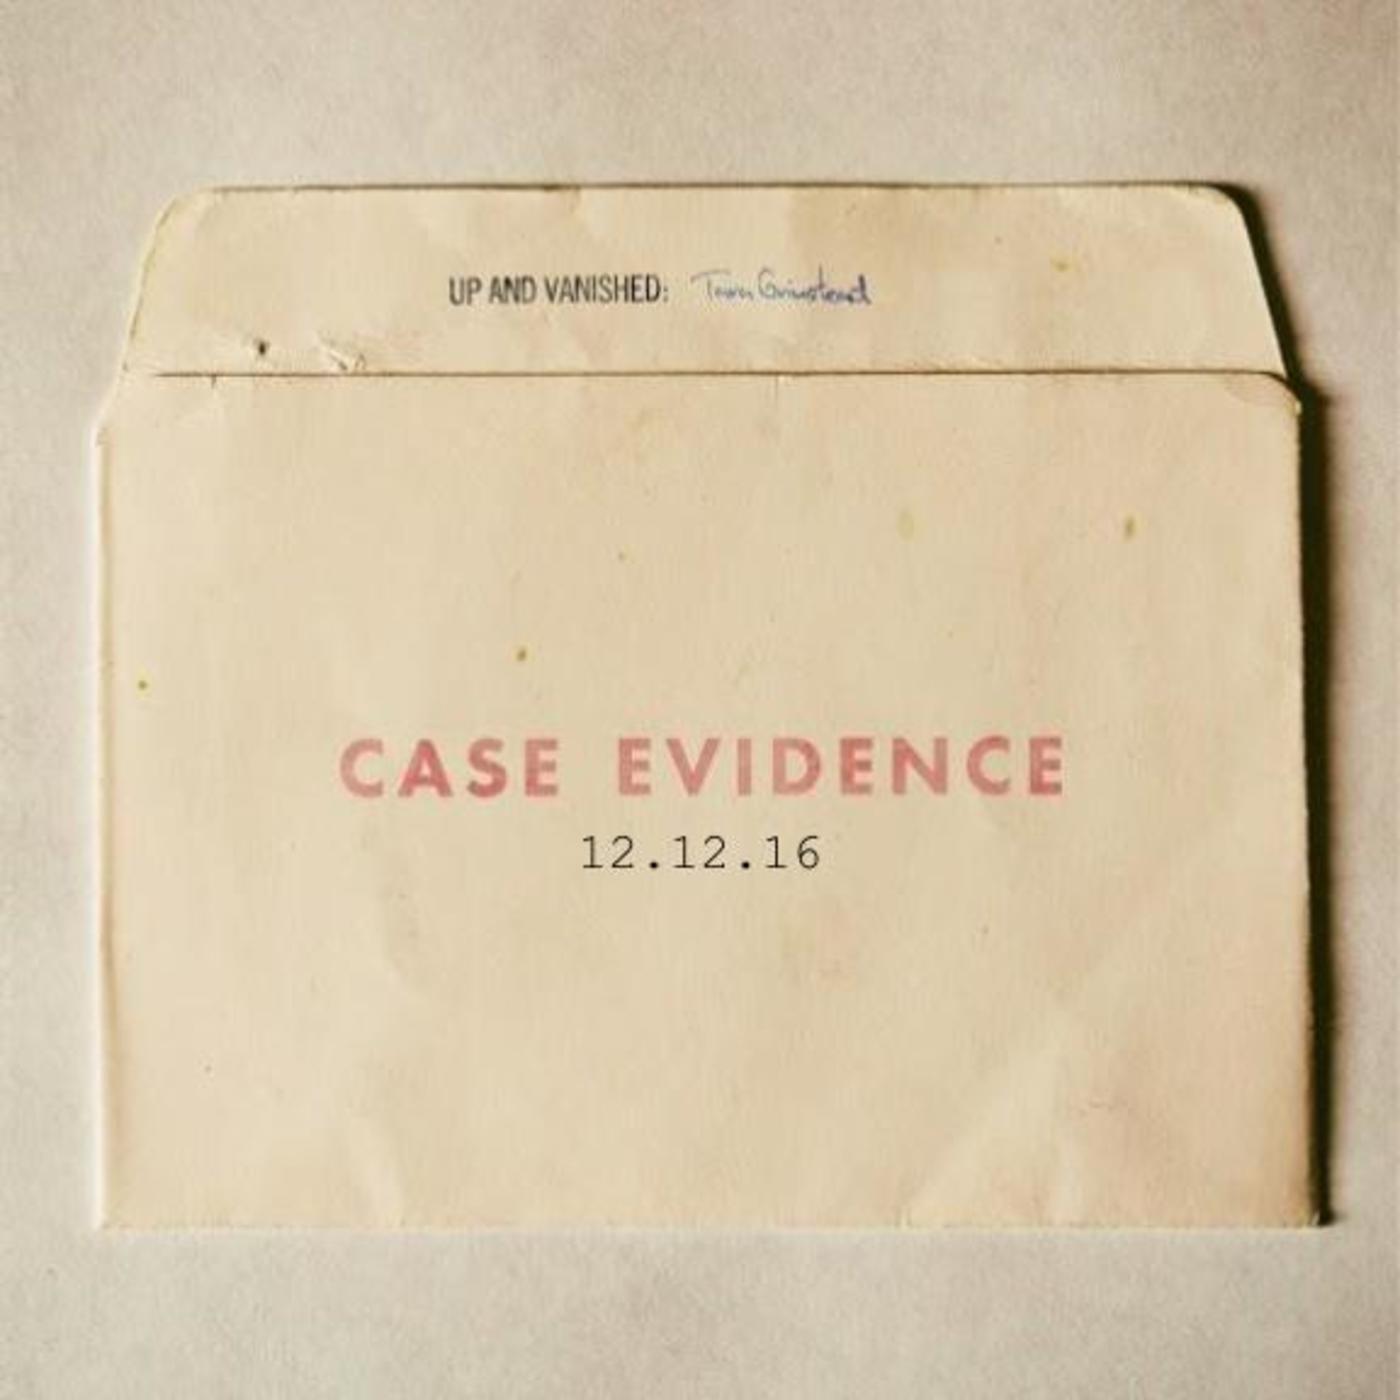 S1E : Case Evidence 12.12.16